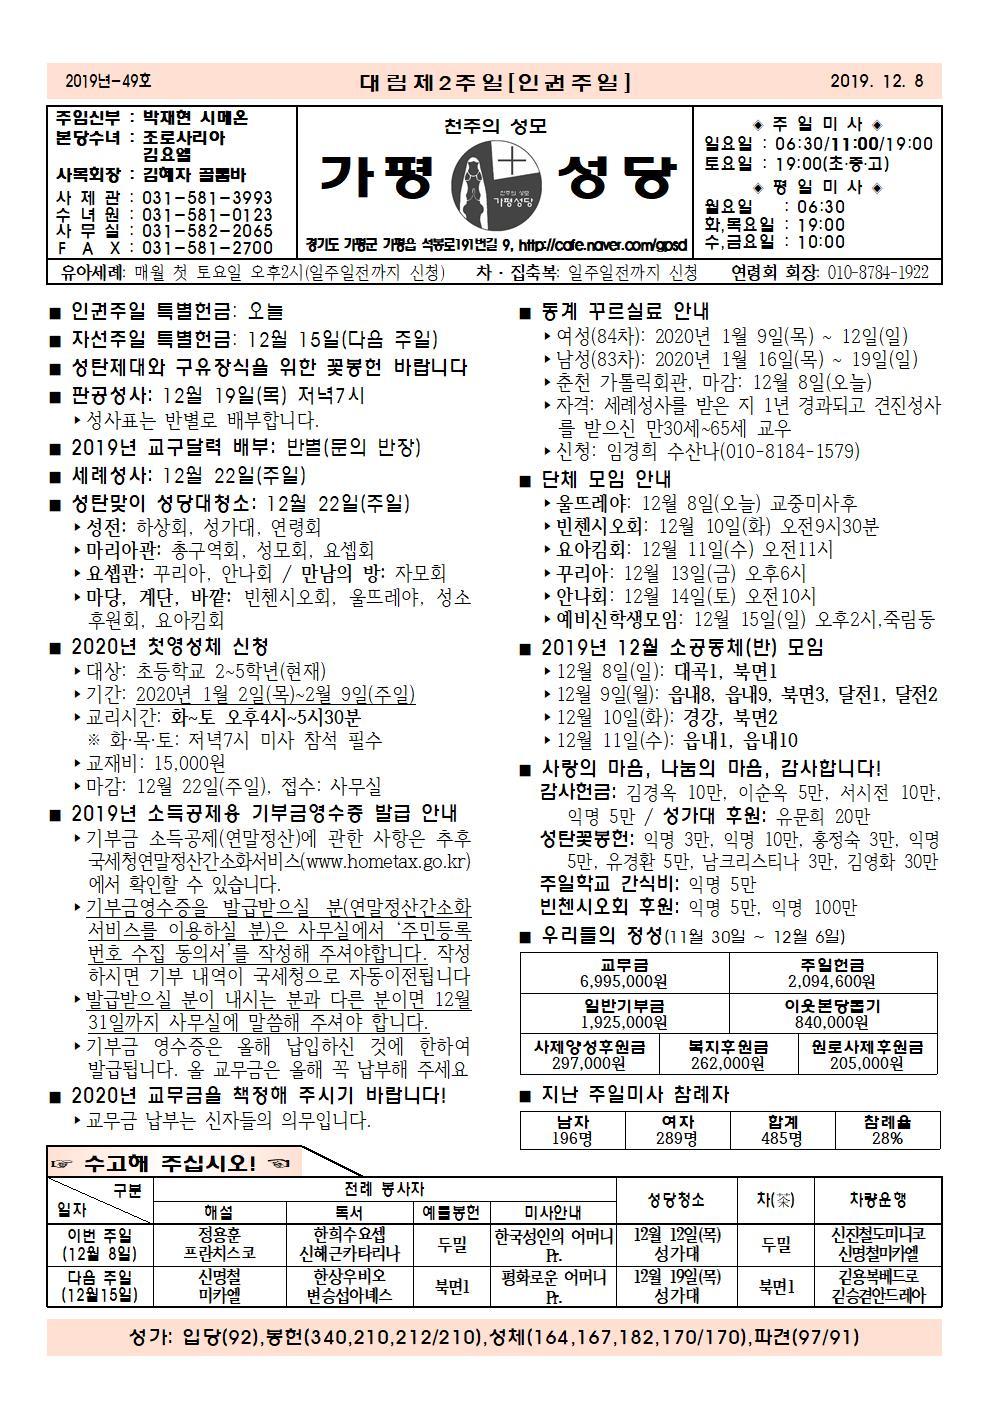 가평주보_20191208_49,대림제2주일[인권주일].jpg